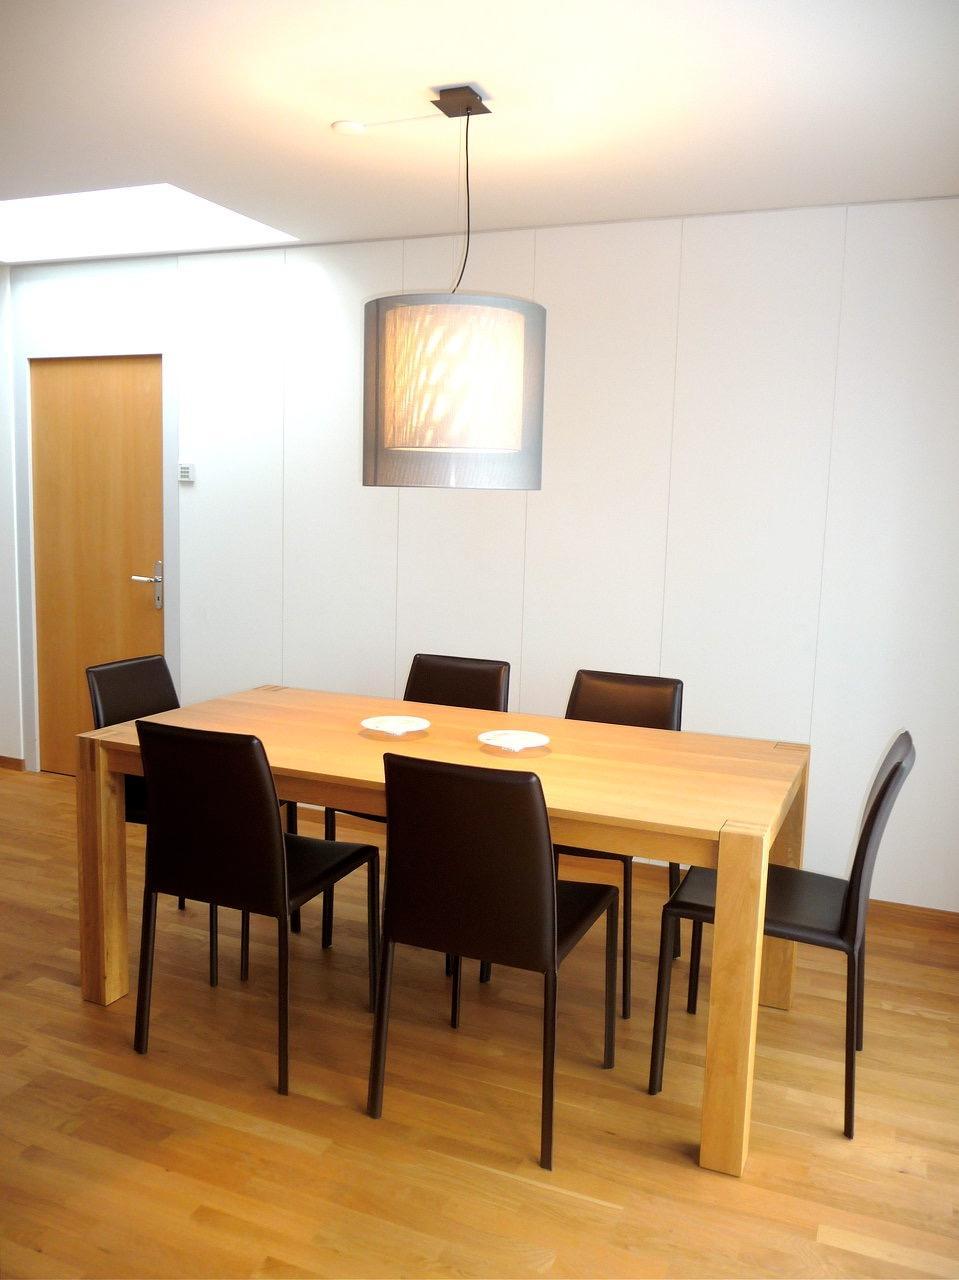 Wohnzimmer gestaltung weinfelden 3 wohnesszimmer s - Gestaltung wohnzimmer ...